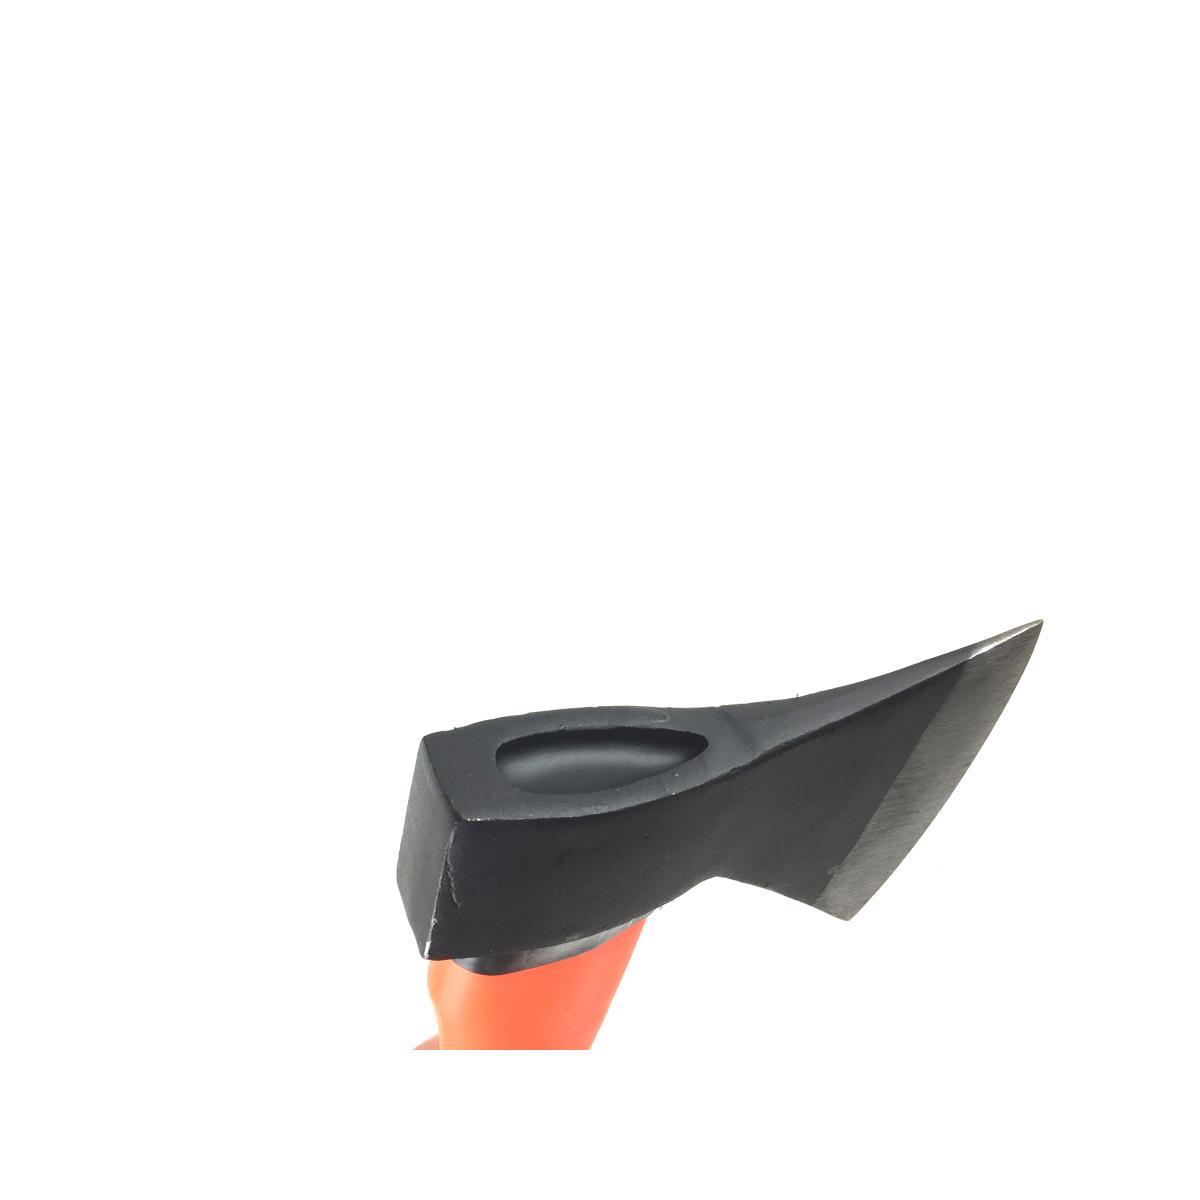 Beil  Axt mit Fiberglasstiel 600 g  Spaltaxt Spaltkeil Spaltbeil Spalthammer ,UAB,000051204818, 4772013002895